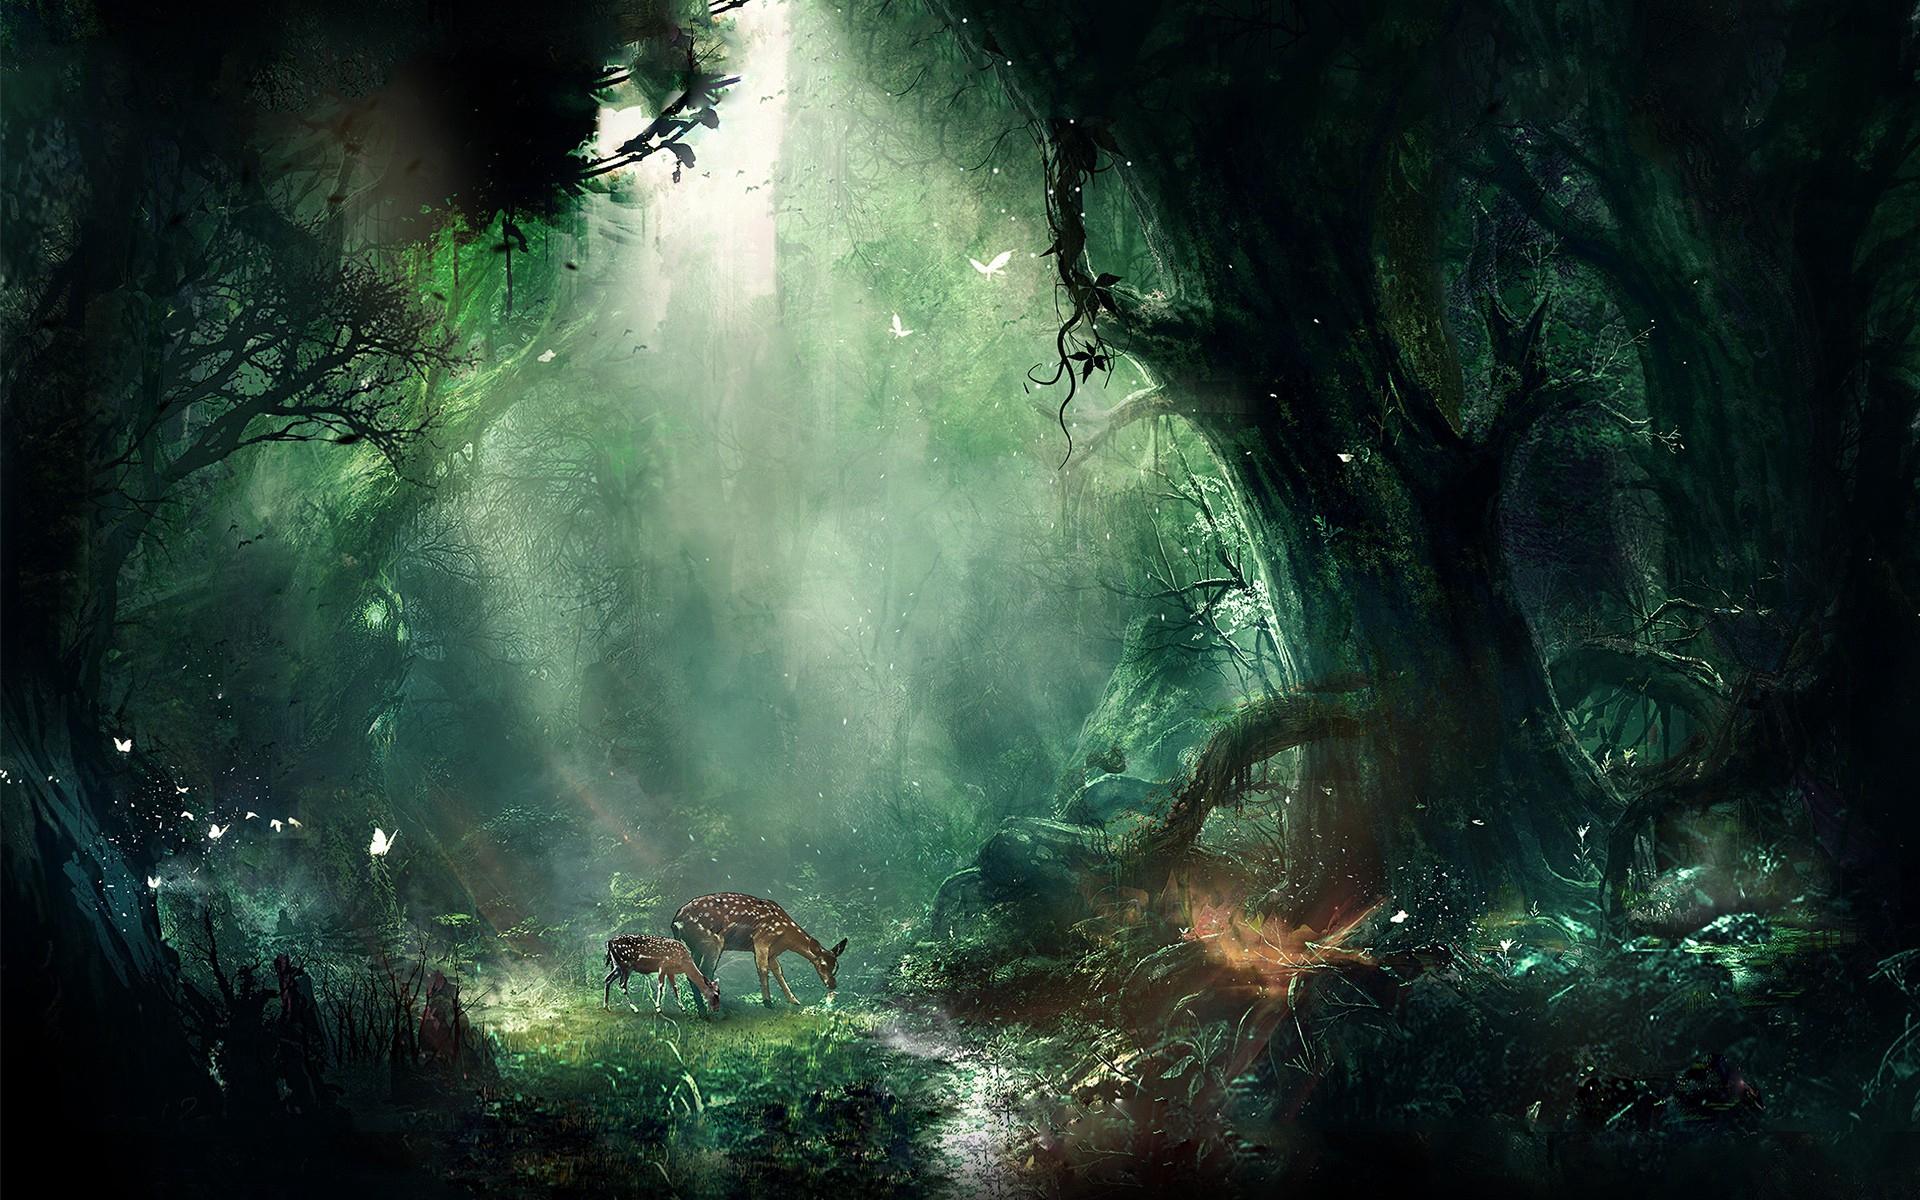 Магический лес, скачать в hd обои фэнтези, 1920 на 1200 пикселей